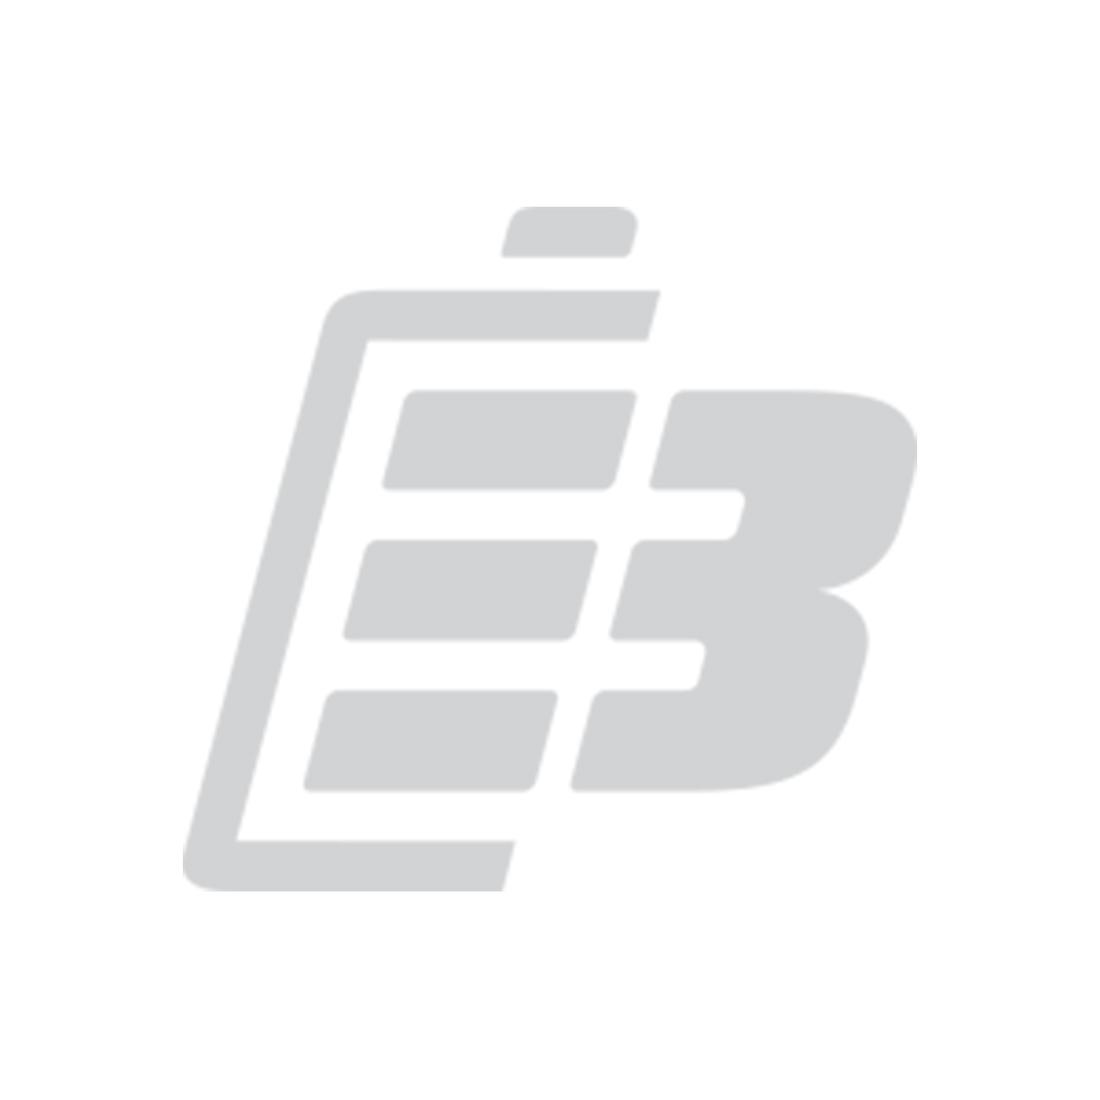 Μπαταρία ασύρματων ακουστικών Plantronics Explorer 350_1